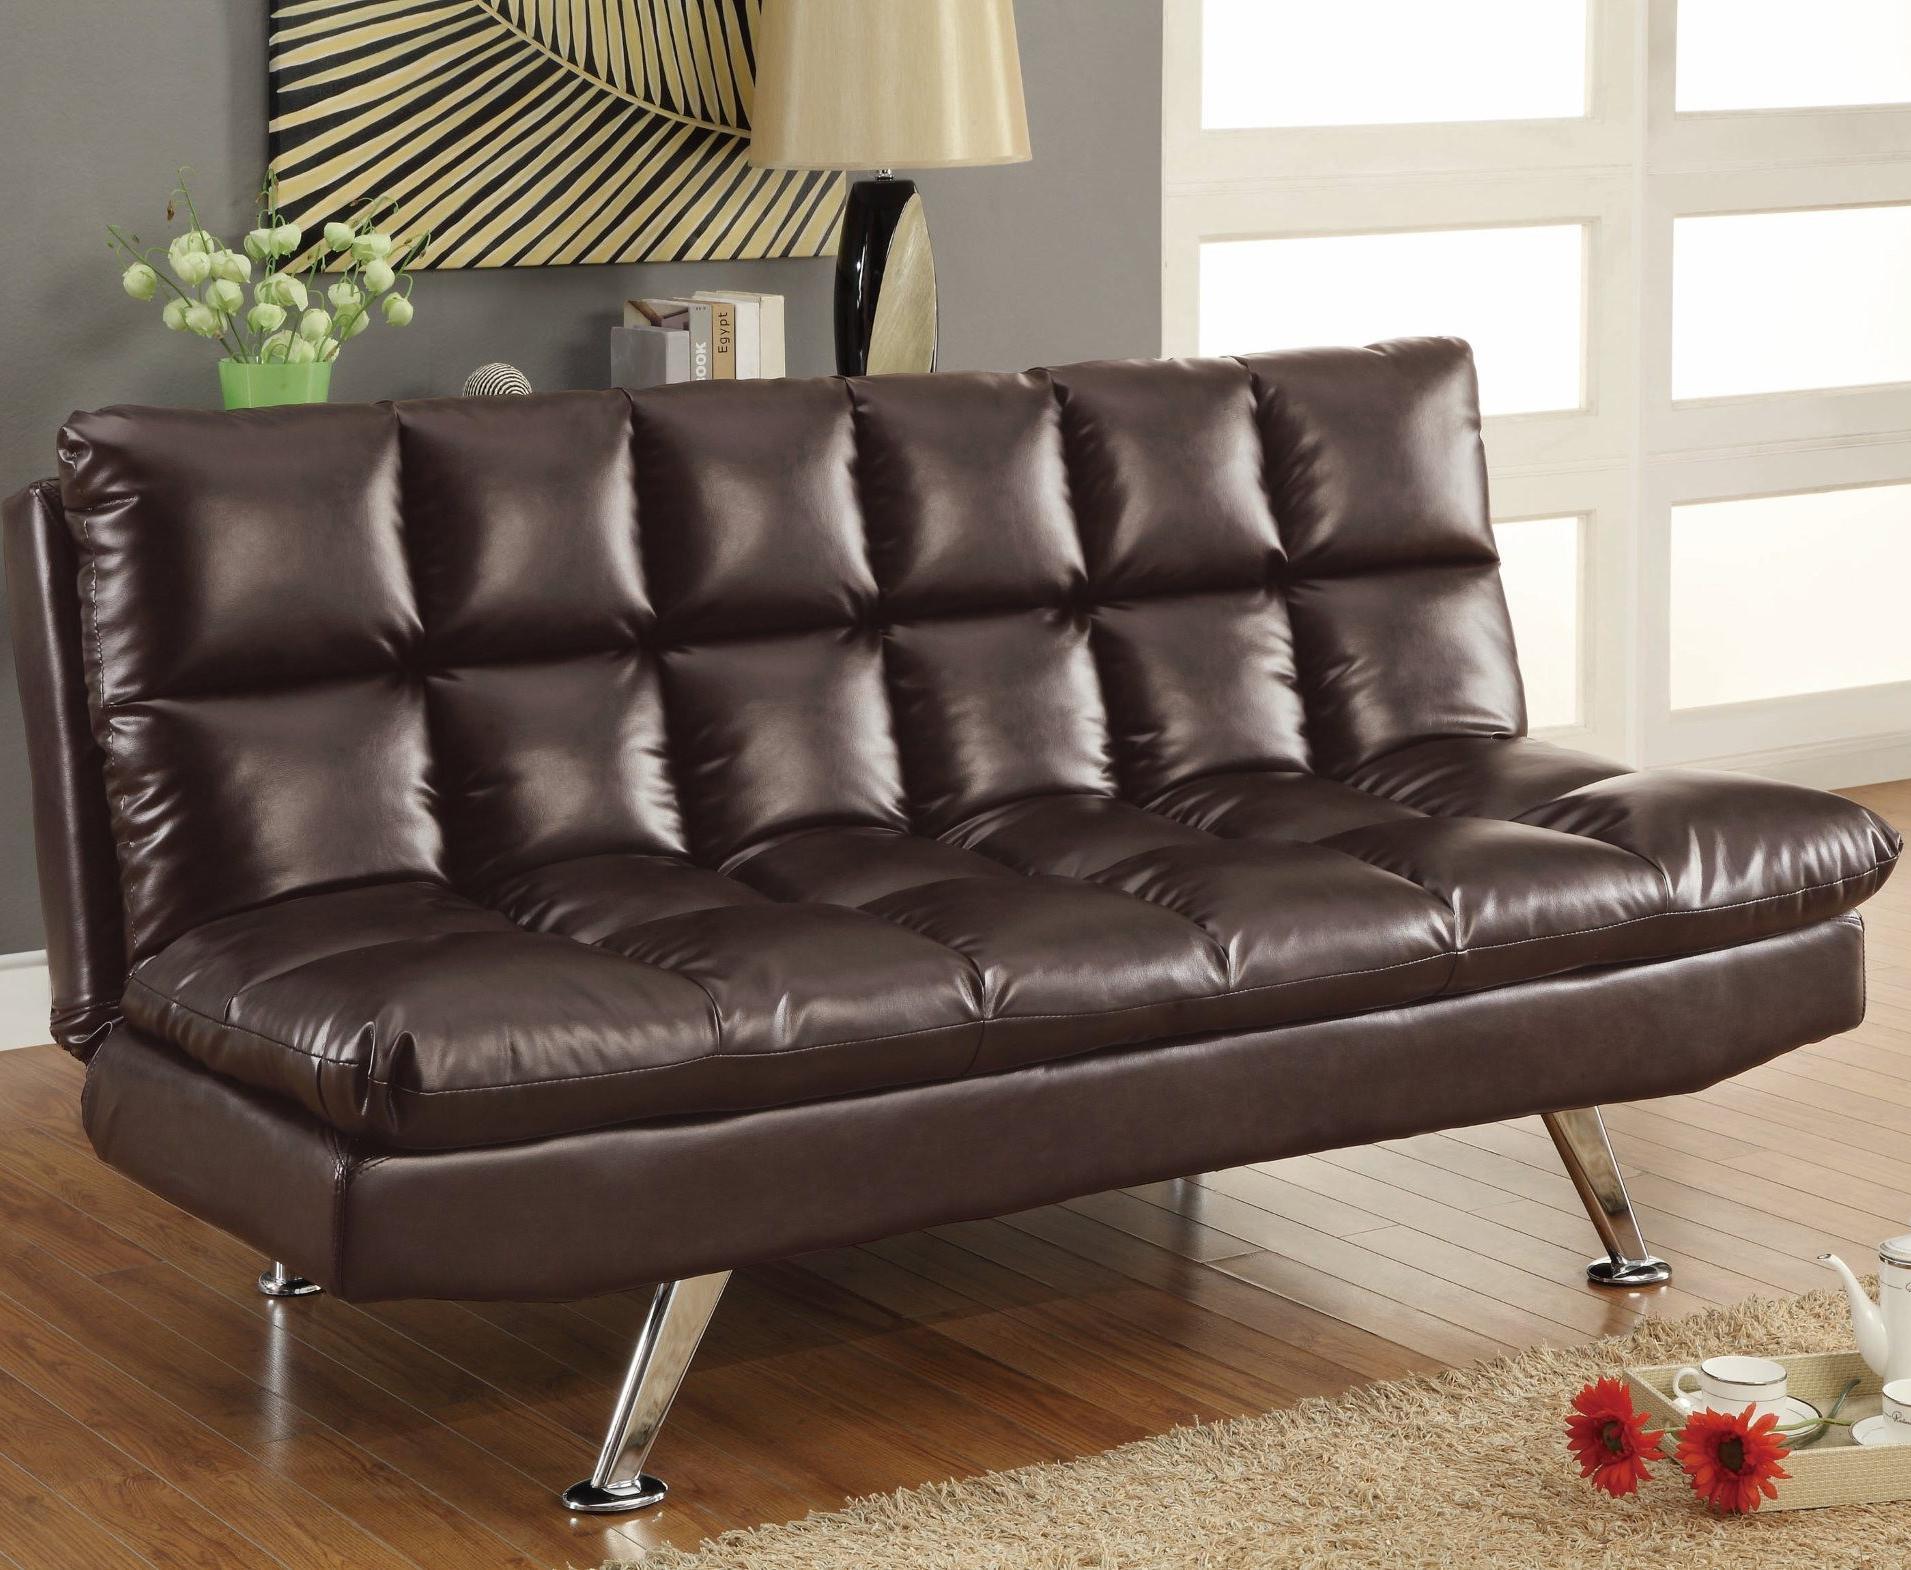 Sofa Beds 300122 B0